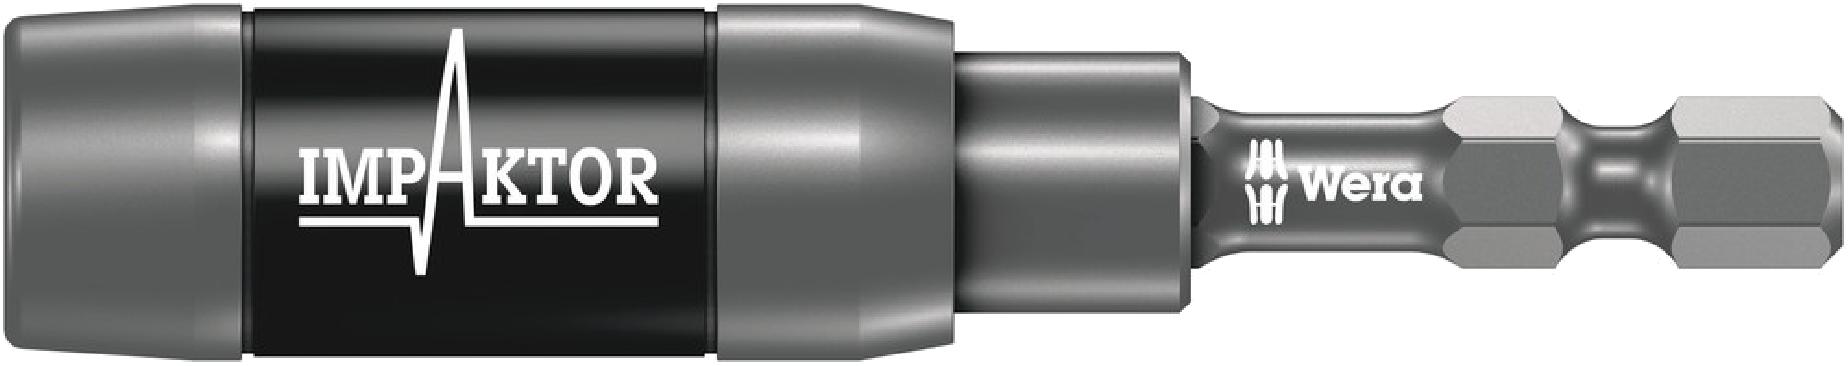 """897/4 IMP R Porte-embouts Impaktor avec aimant annulaire et jonc d'arrêt, 1/4"""" x 75 mm  - 05057676001 - Wera Tools"""